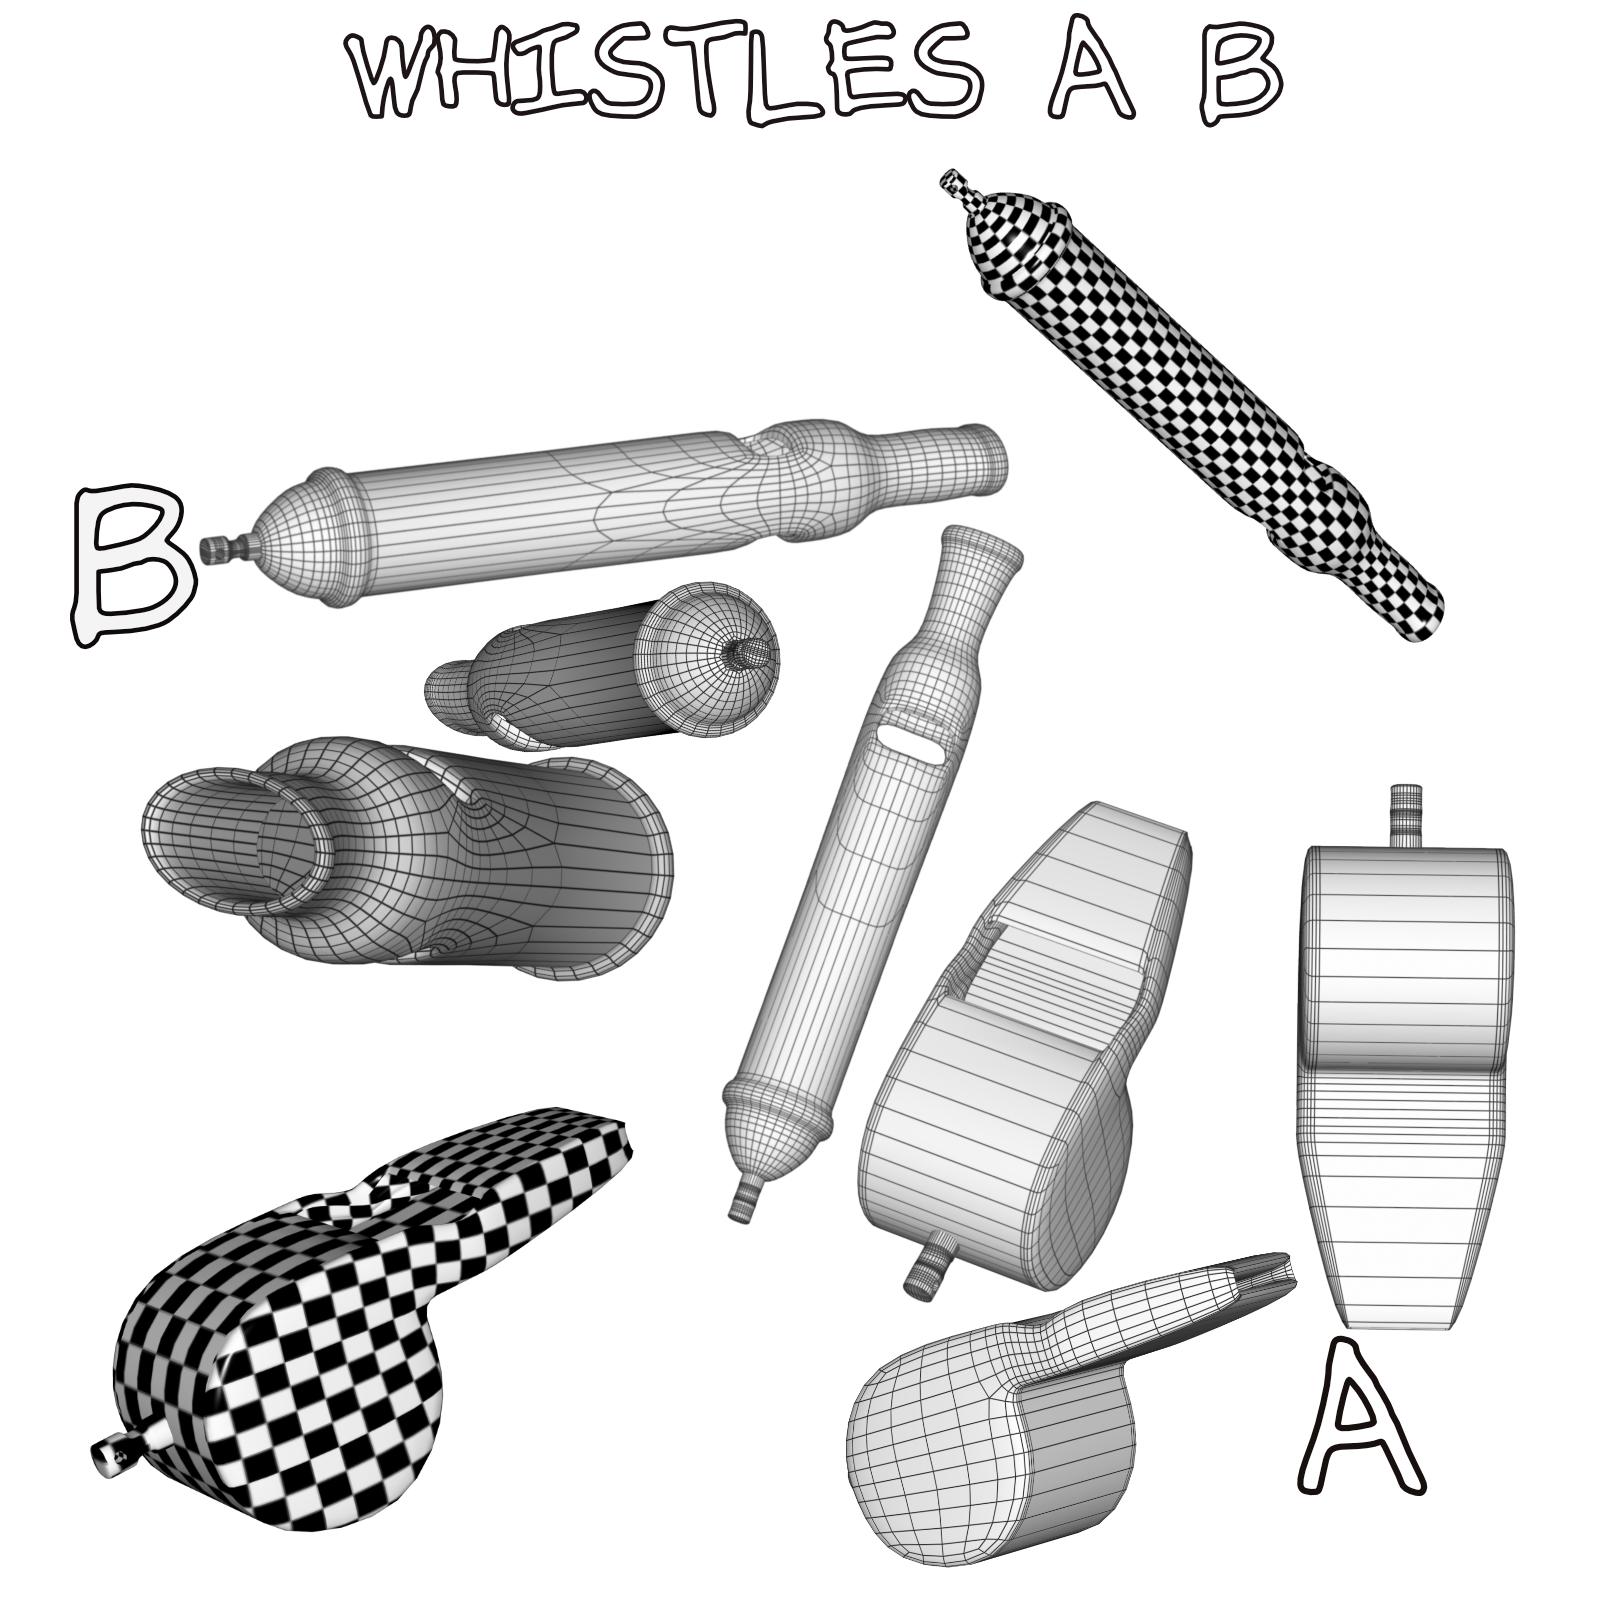 whistles fbx_obj 3d model fbx obj 269011